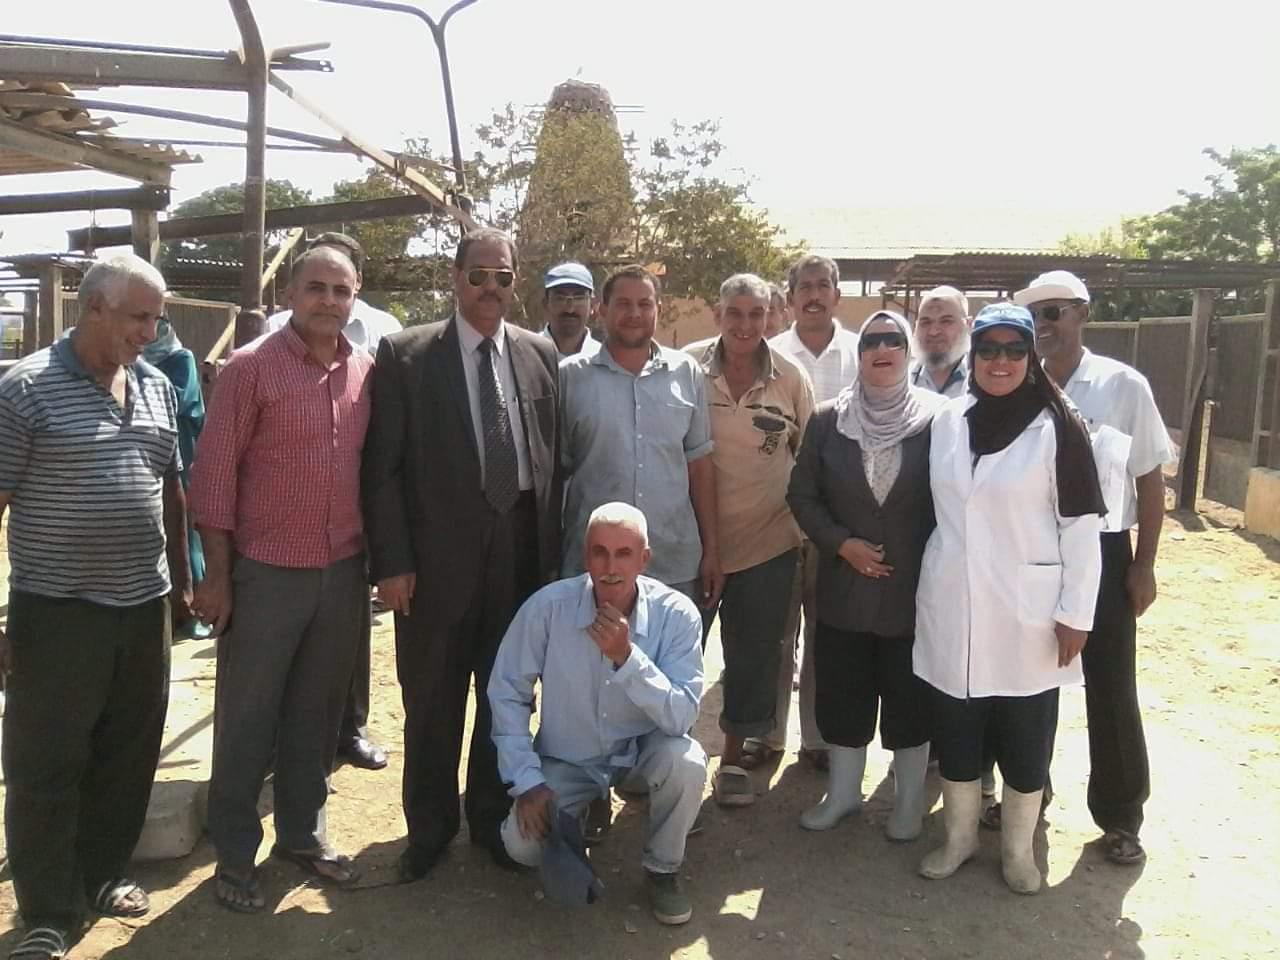 كلية الطب البيطرى جامعة قناة السويس توفر اضاحى للمواطنين ونقطتان للذبح اول وثانى ايام العيد